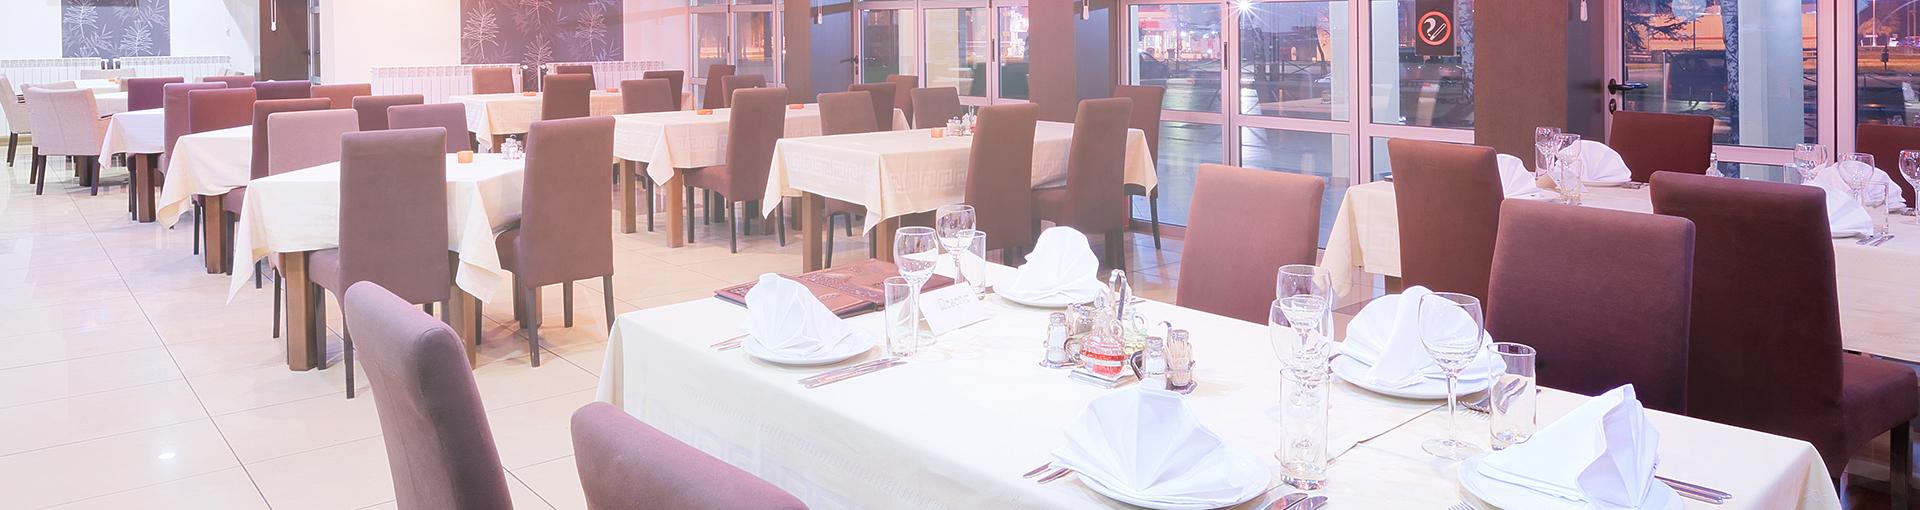 Regal Restaurant Air Conditioning